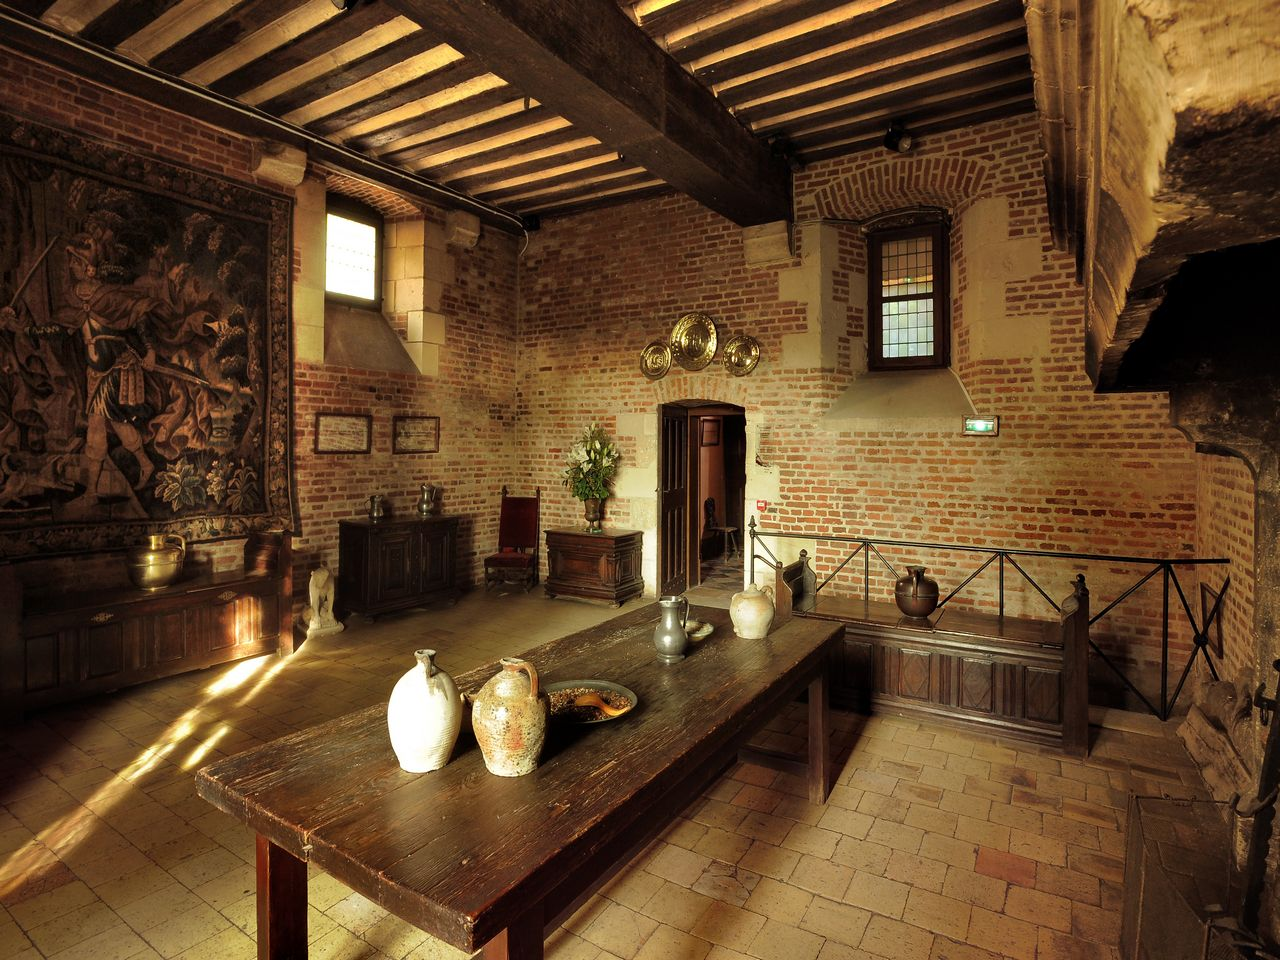 Stunning Cucine Antiche Francesi Images - harrop.us - harrop.us